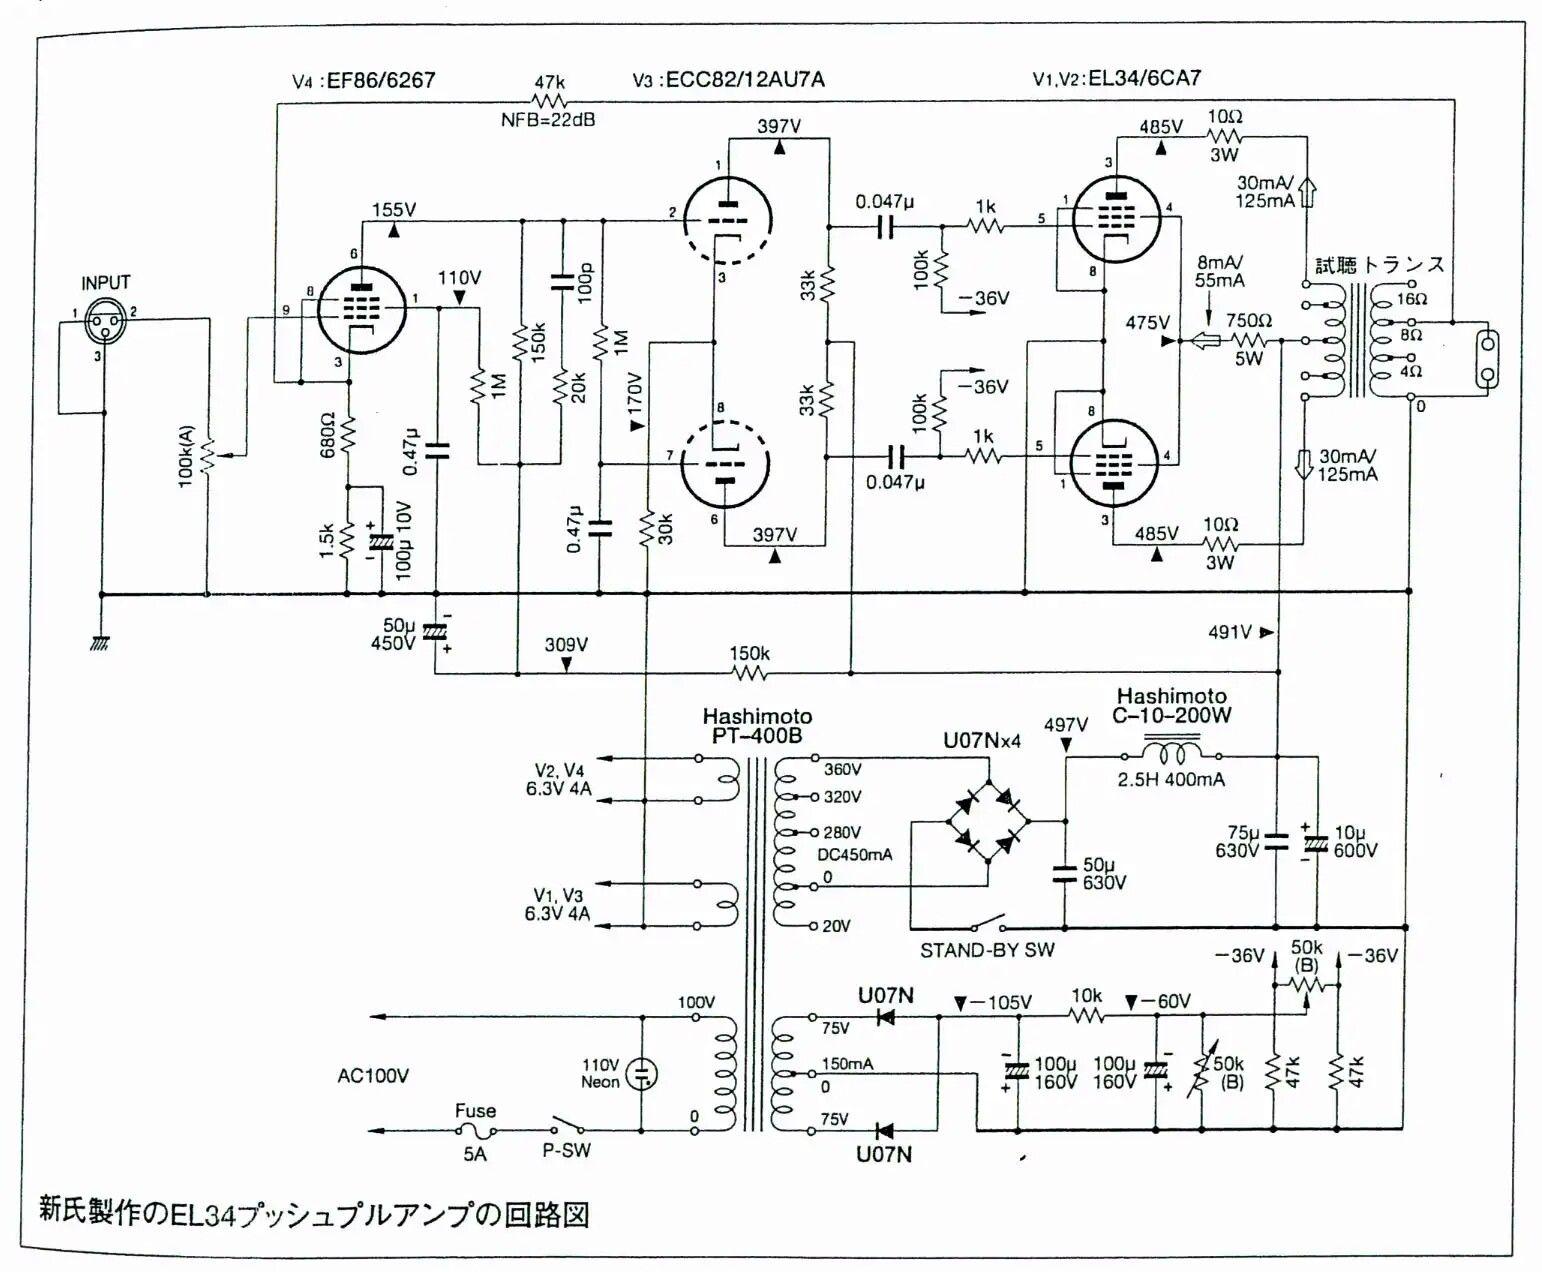 medium resolution of el34 push pull circuit diagram vacuum tube audiophile techno circuits robotics